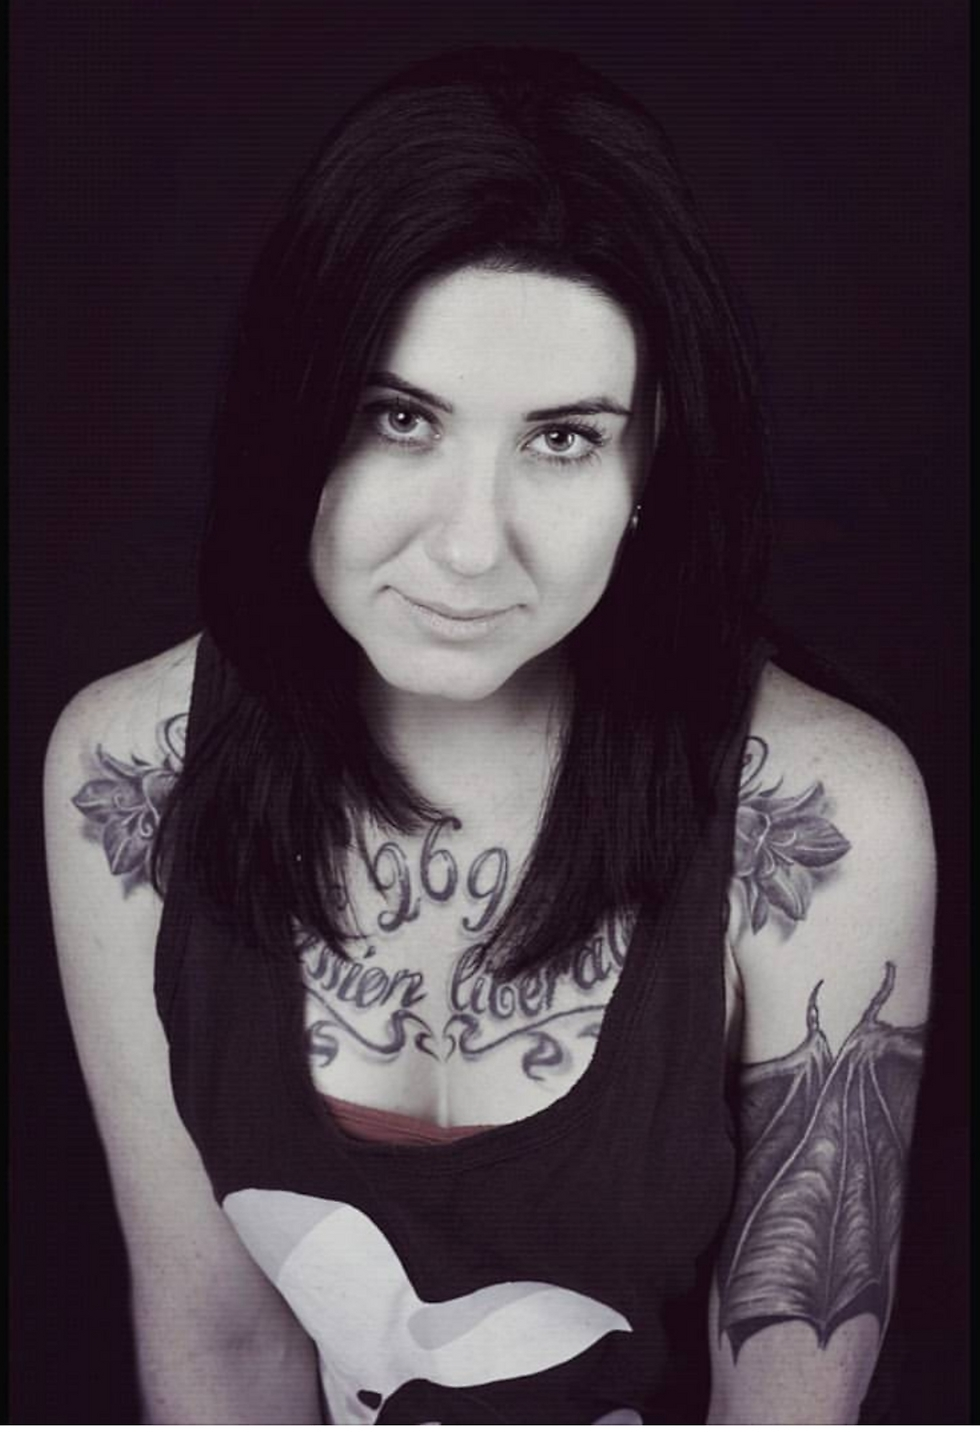 מריה הופ. יצאה מהכלא הנפשי והתגברה על הטראומה (צילום:  סיגל מועלם כגן ) (צילום:  סיגל מועלם כגן )